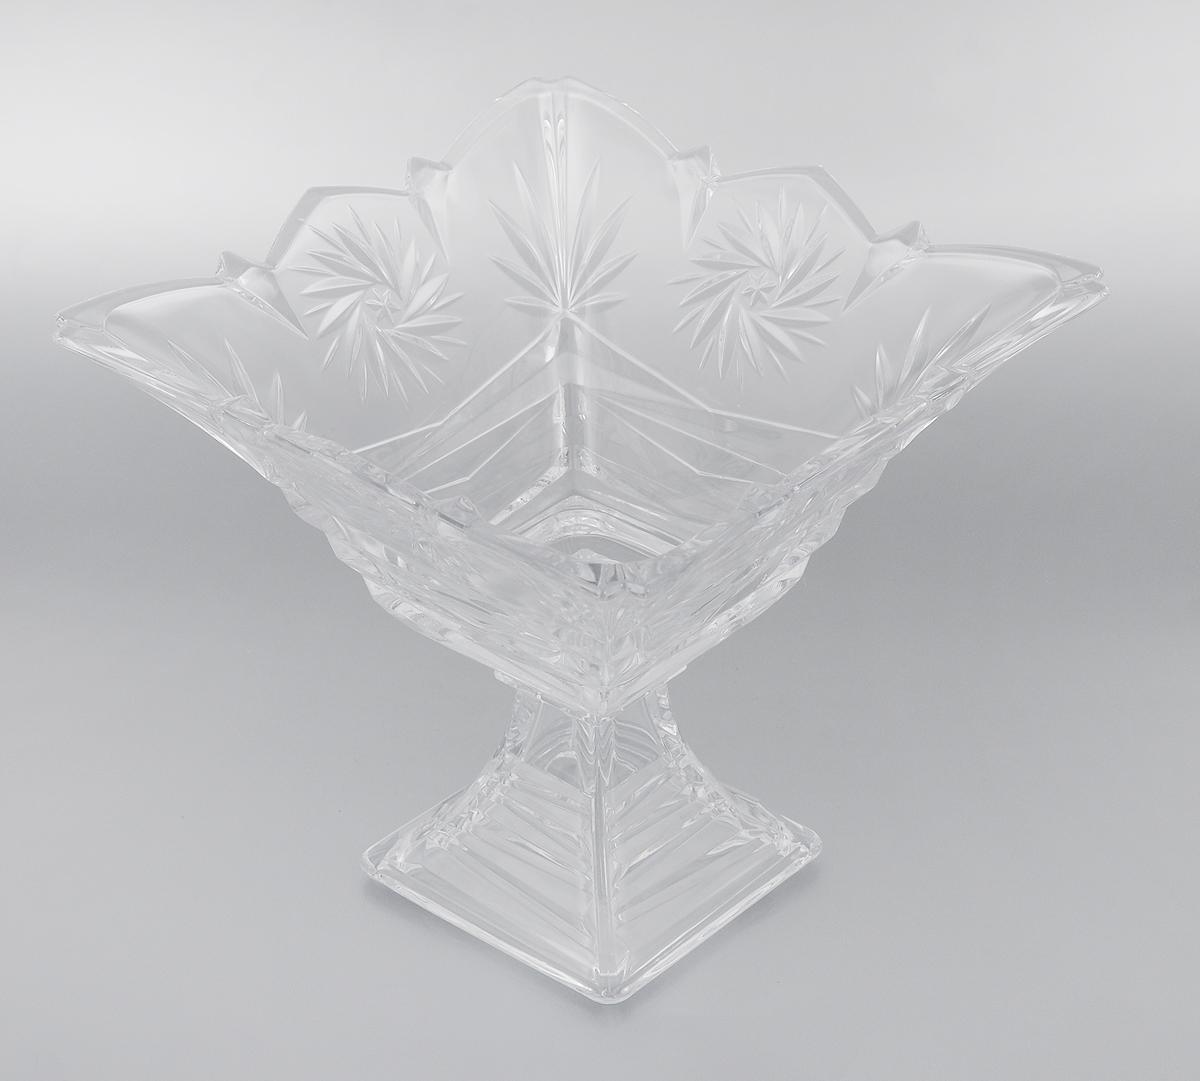 Конфетница на ножке Soga Picasso, 24 х 24 смZ4285WЭлегантная конфетница Soga Picasso на ножке, изготовленная из прочного стекла, имеет многогранную рельефную поверхность. Конфетница предназначена для красивой сервировки сладостей. Изделие придется по вкусу и ценителям классики, и тем, кто предпочитает утонченность и изящность. Конфетница Soga Picasso украсит сервировку вашего стола и подчеркнет прекрасный вкус хозяина, а также станет отличным подарком.Можно мыть в посудомоечной машине.Размер по верхнему краю: 24 х 24 см.Высота: 21,5 см.